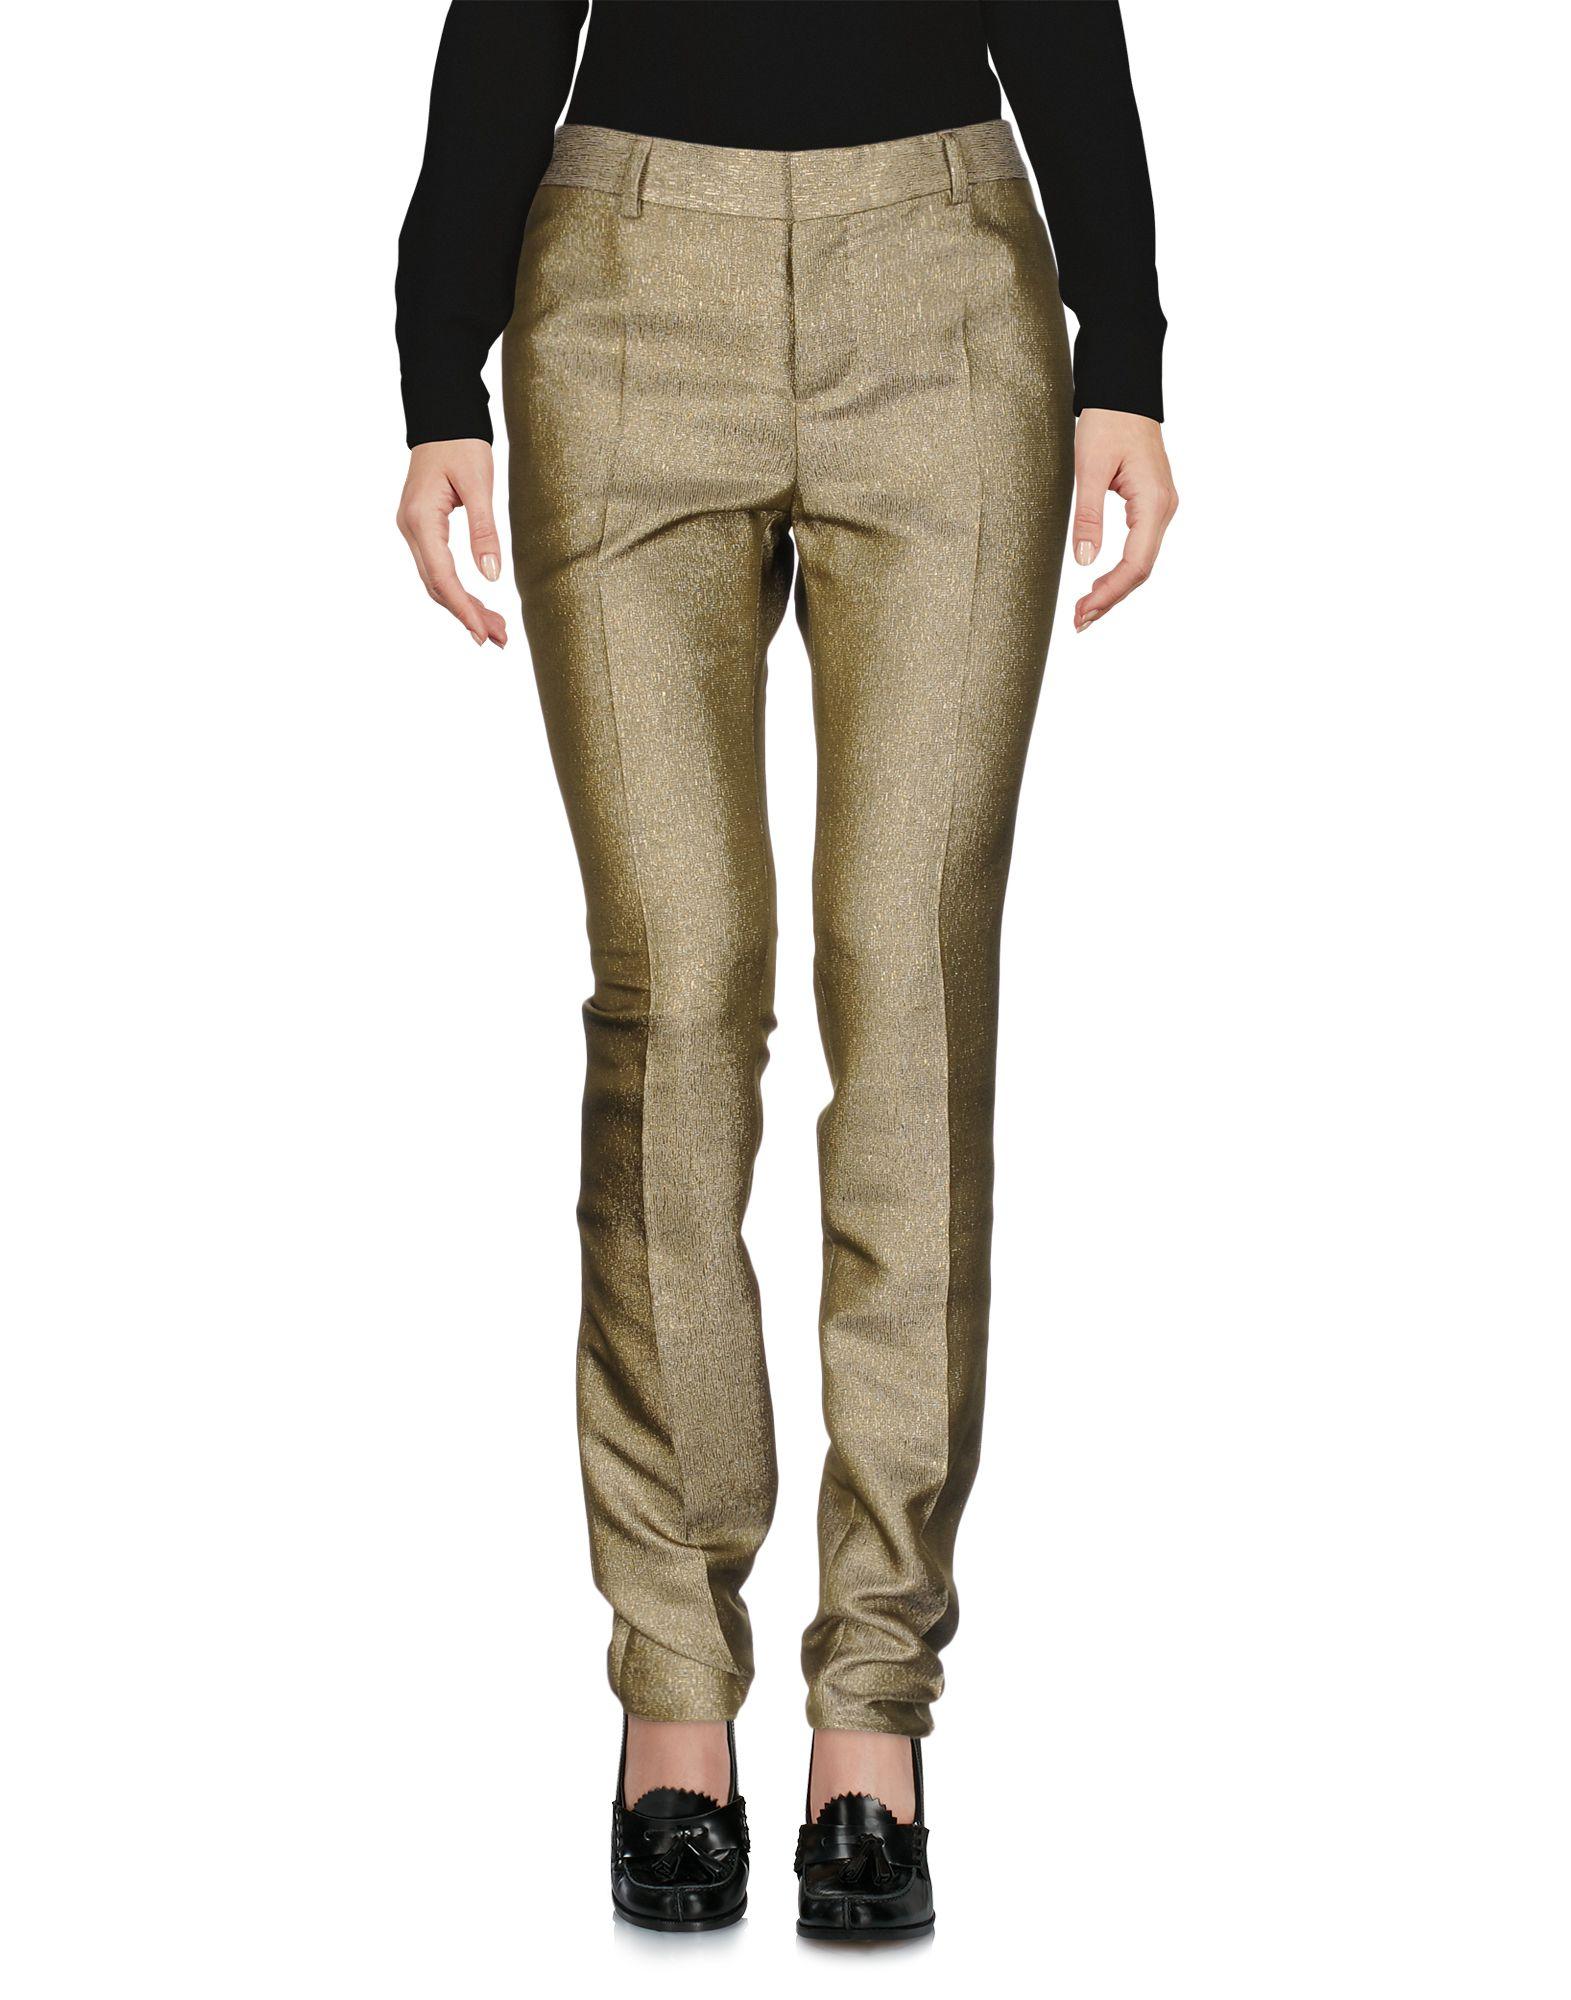 Pantalone Dsquared2 Donna - Acquista online su 9bOXM